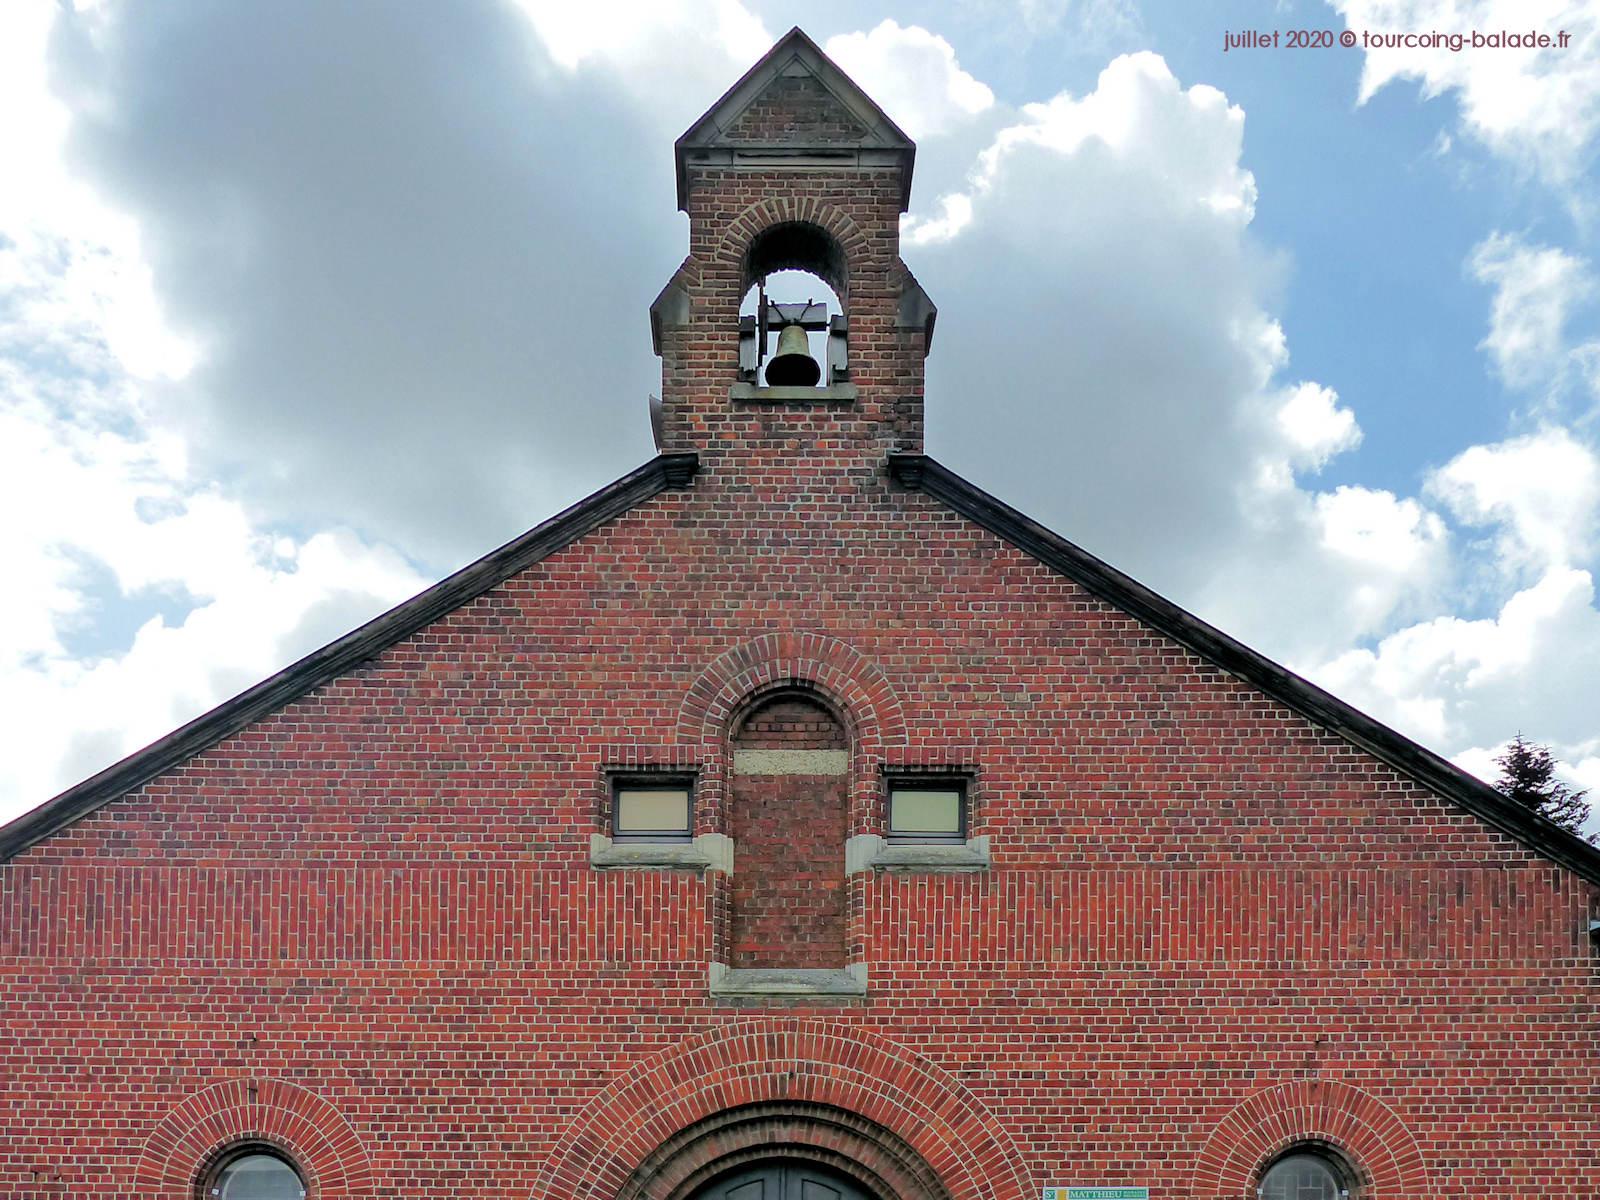 Clocher de l'Église Saint Blaise, Tourcoing 2020